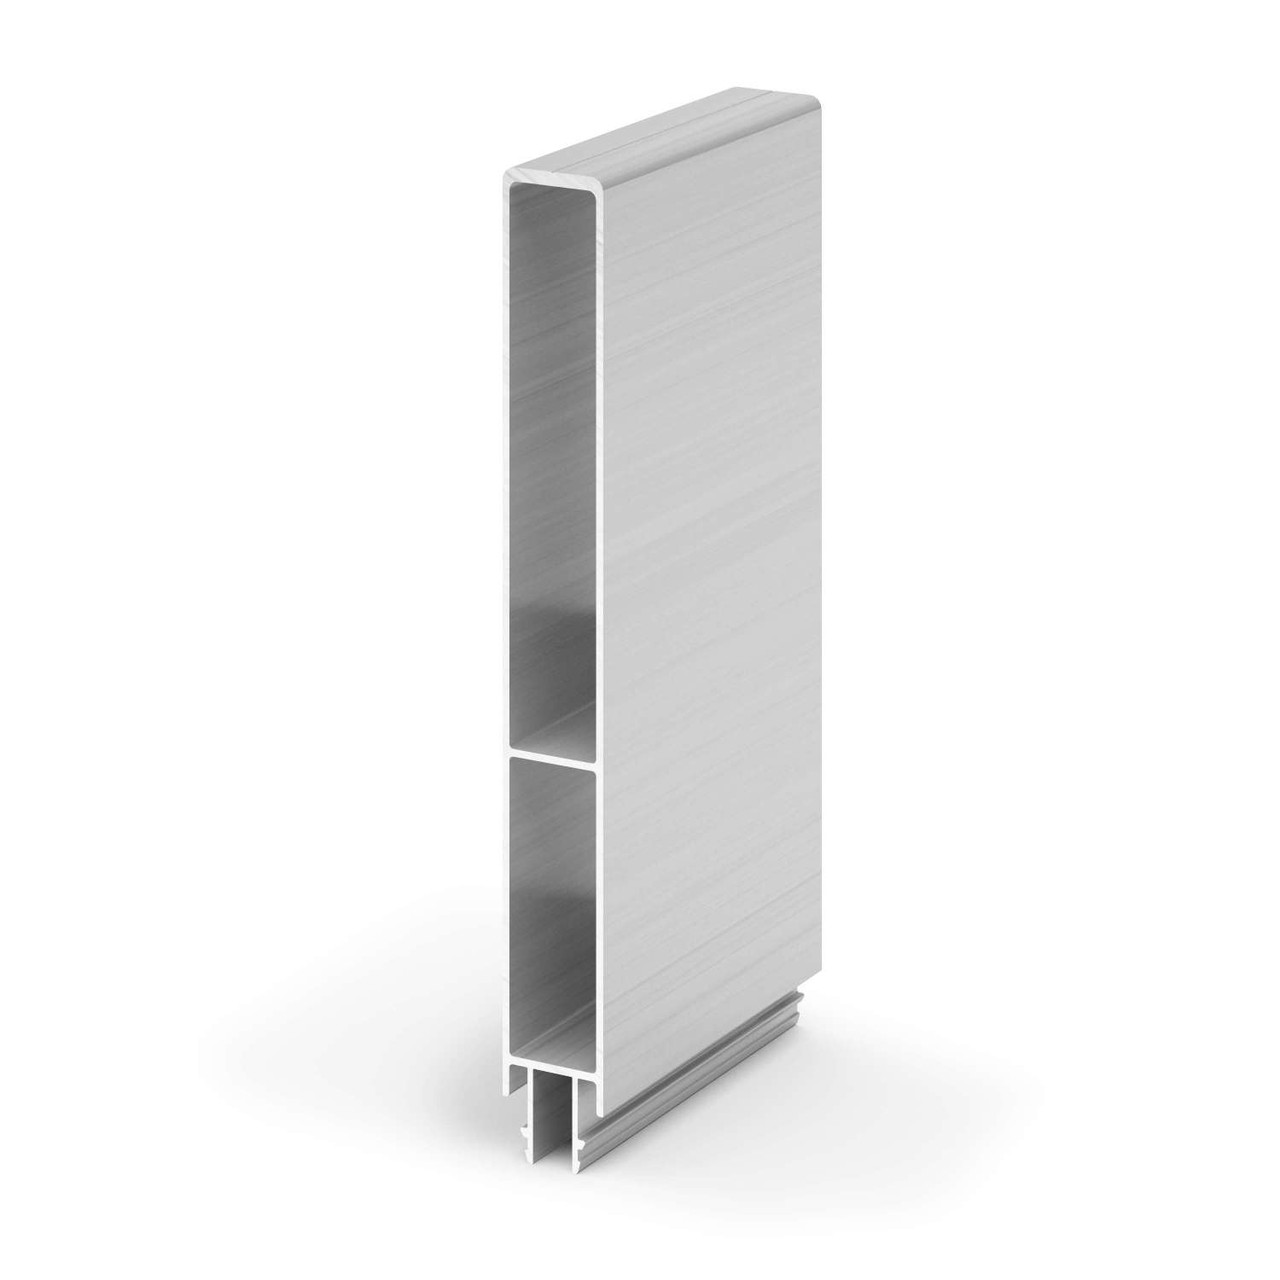 Борти наборні - верхній профіль алюміній 200мм Takler Італія